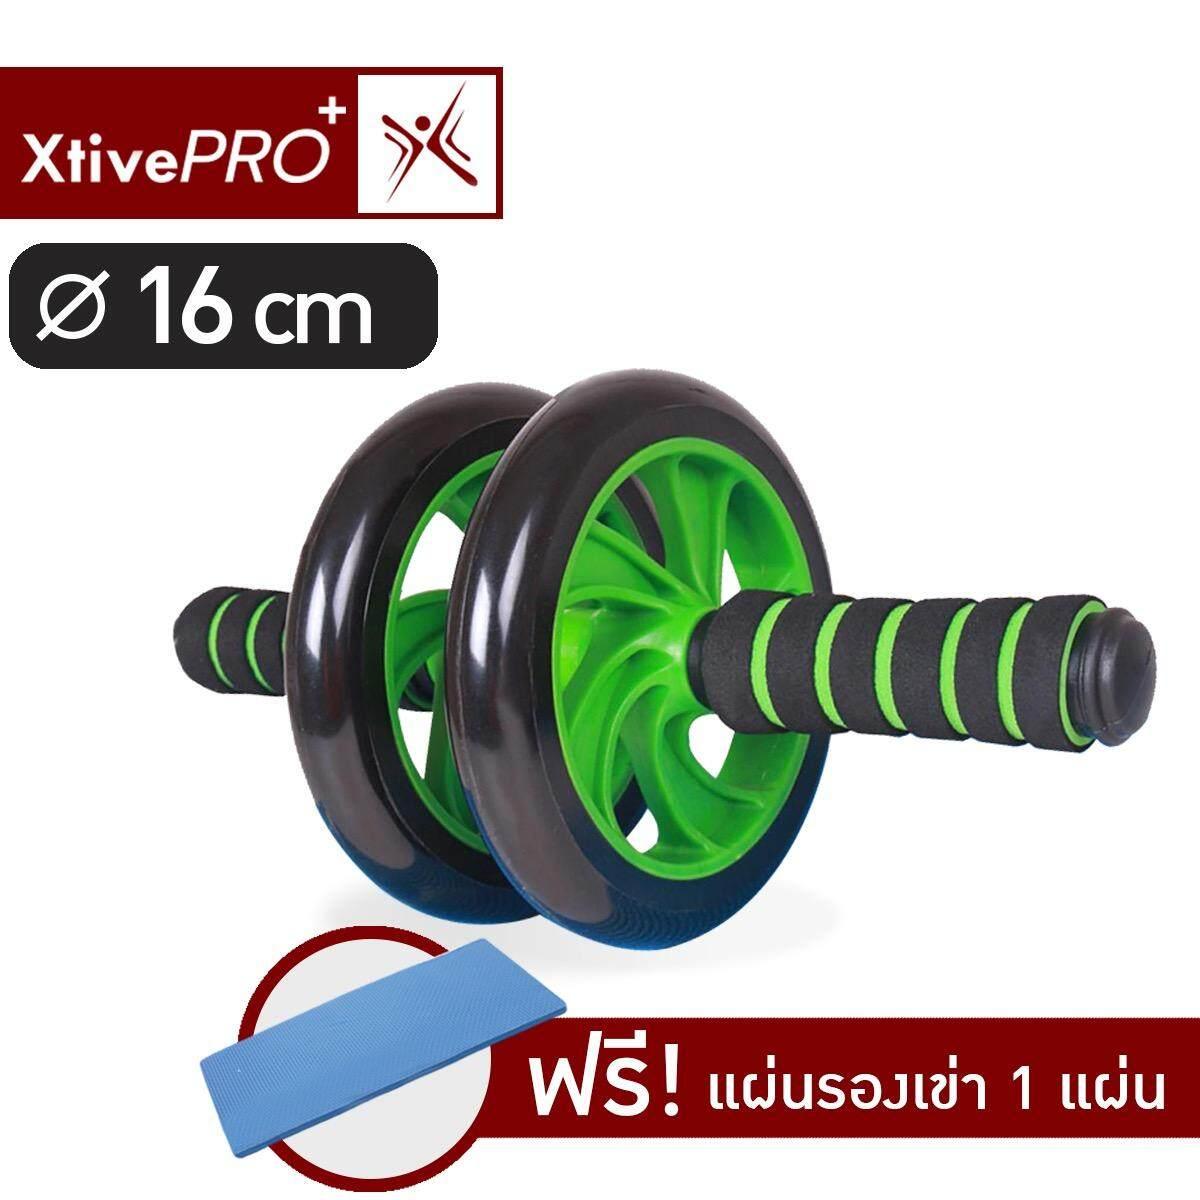 ส่วนลด Xtivepro Starter Wheel 16 Cm Green ลูกกลิ้งบริหารหน้าท้อง Ab Wheel แบบล้อคู่ สีเขียว Xtivepro ใน สมุทรปราการ